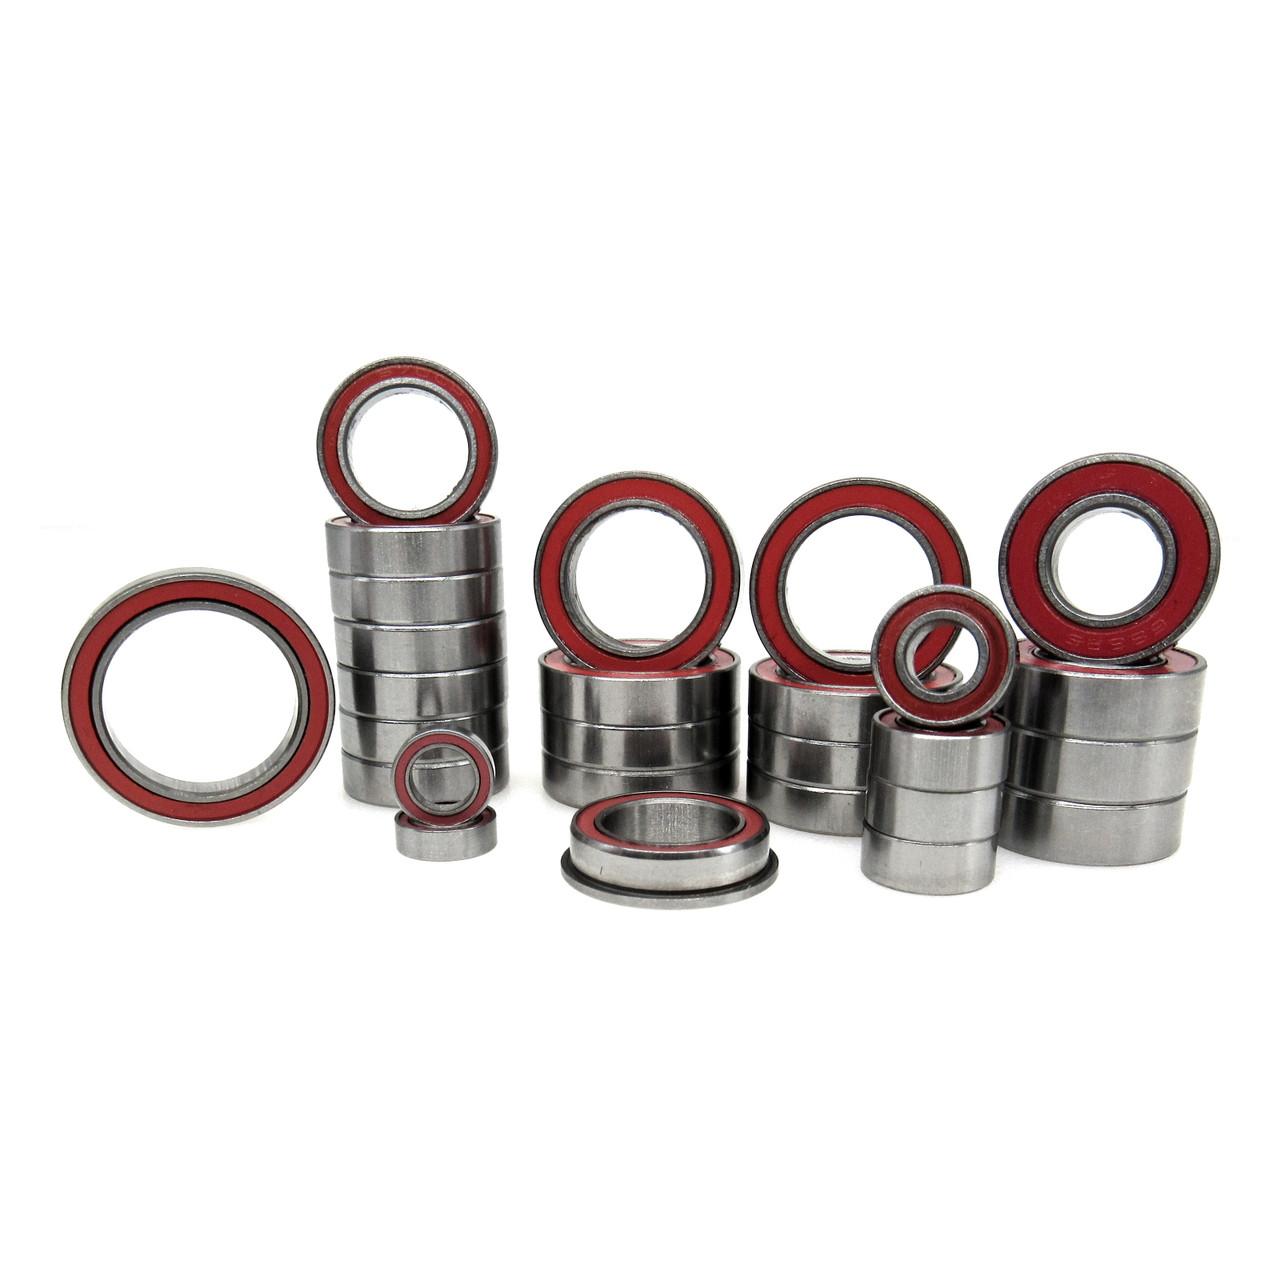 Arrma Kraton 4S BLX Hybrid Ceramic Bearing Kit Rubber Seals Red (26)